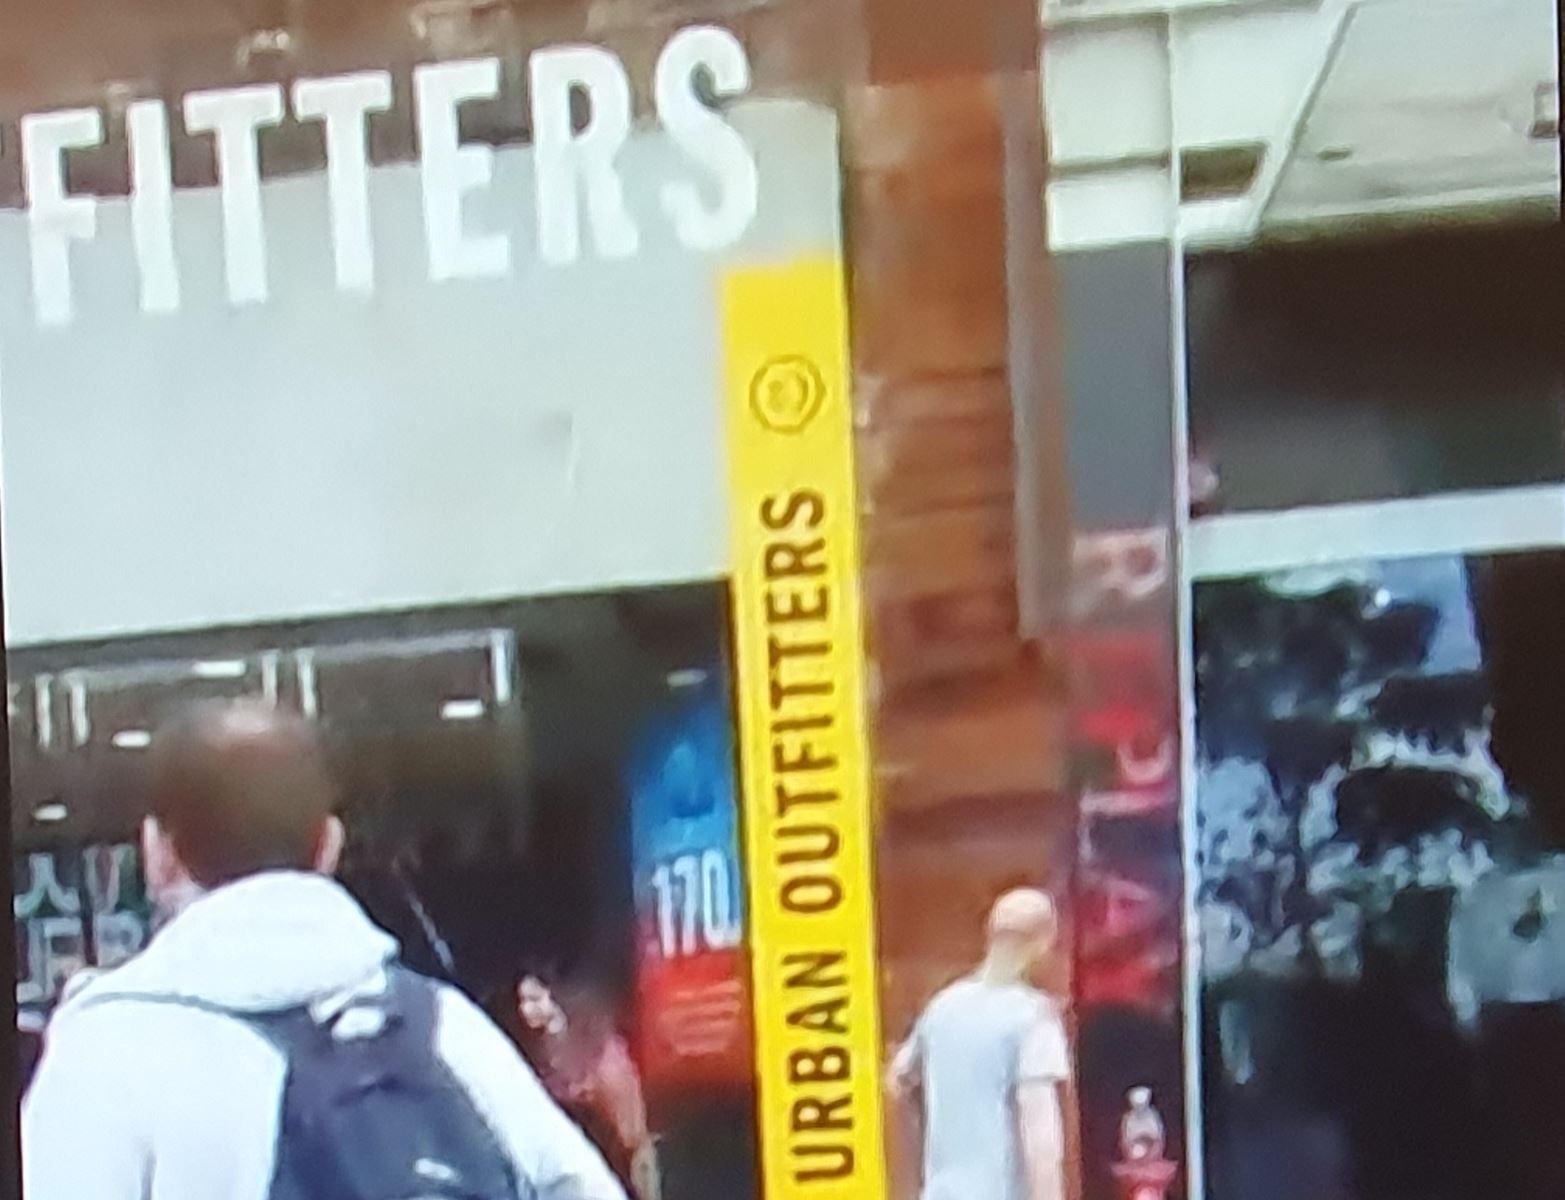 צפו: בריכת גלי אילת קרסה אל חנות אורבן אאוטפיטרס בטיילת אילת